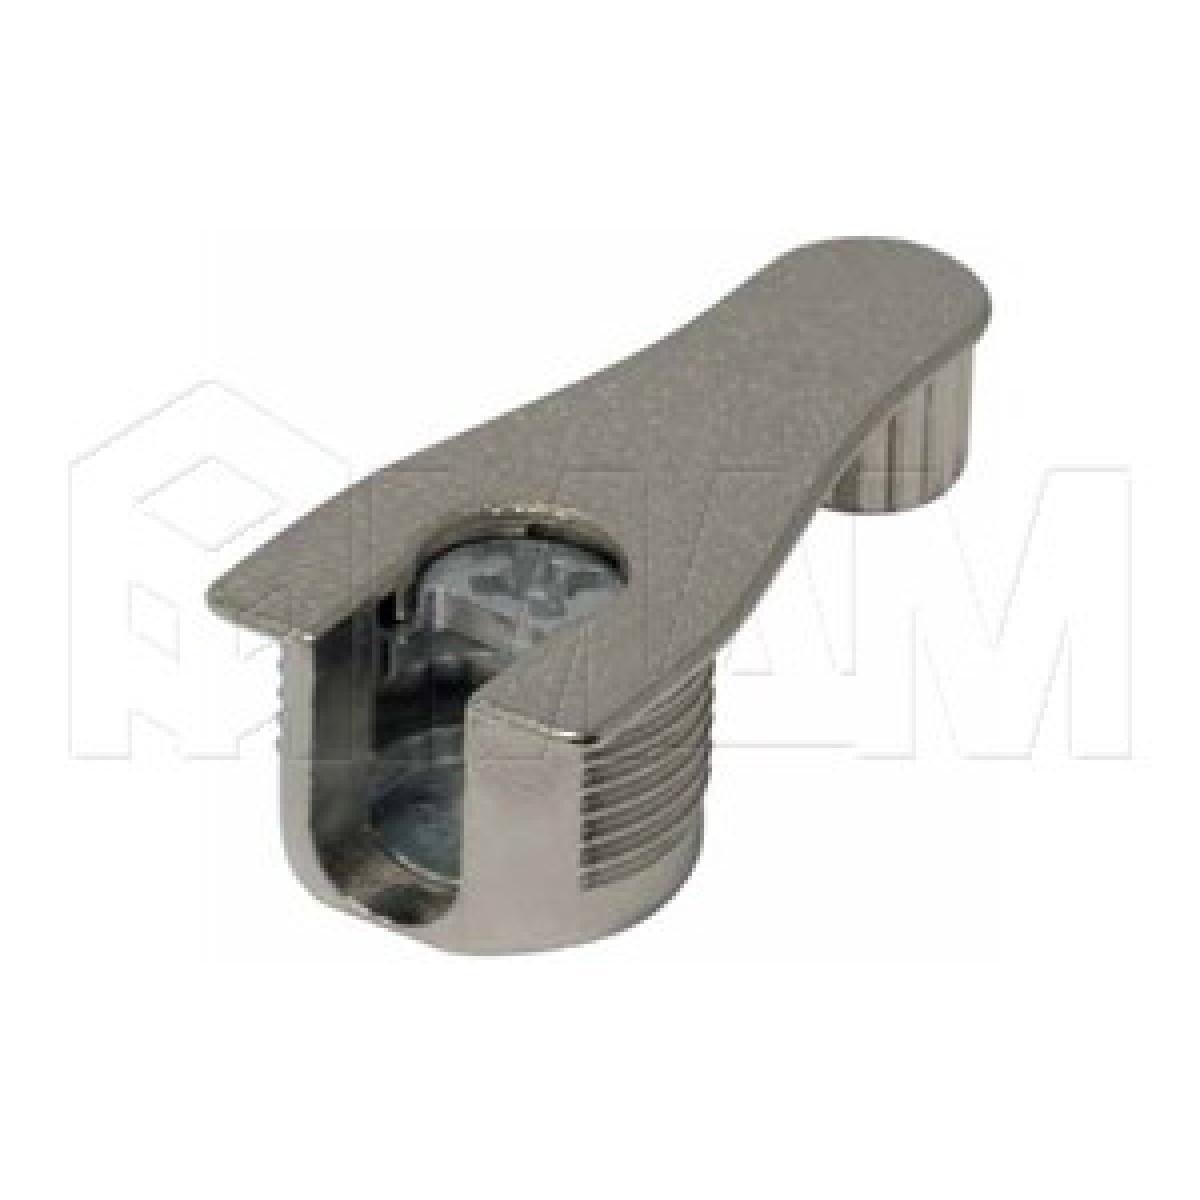 Эксцентрик усиленный в металлическом корпусе с дополнительной футоркой 16 мм, никель